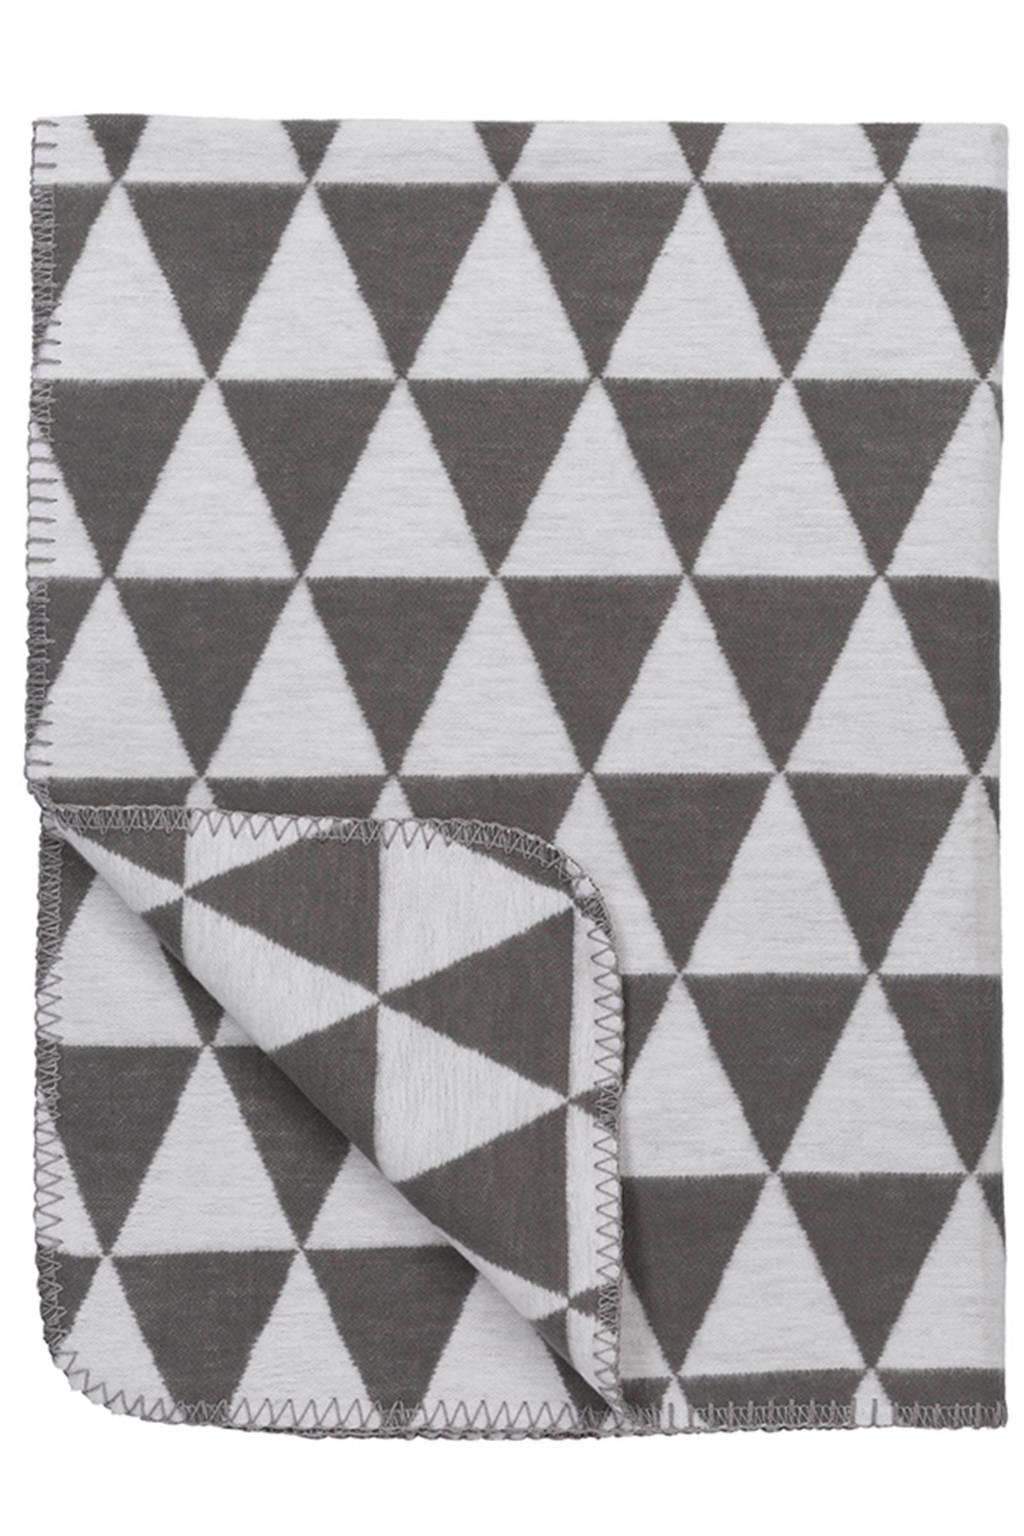 Meyco Triangle biologische wiegdeken 75x100 cm grijs, Grijs